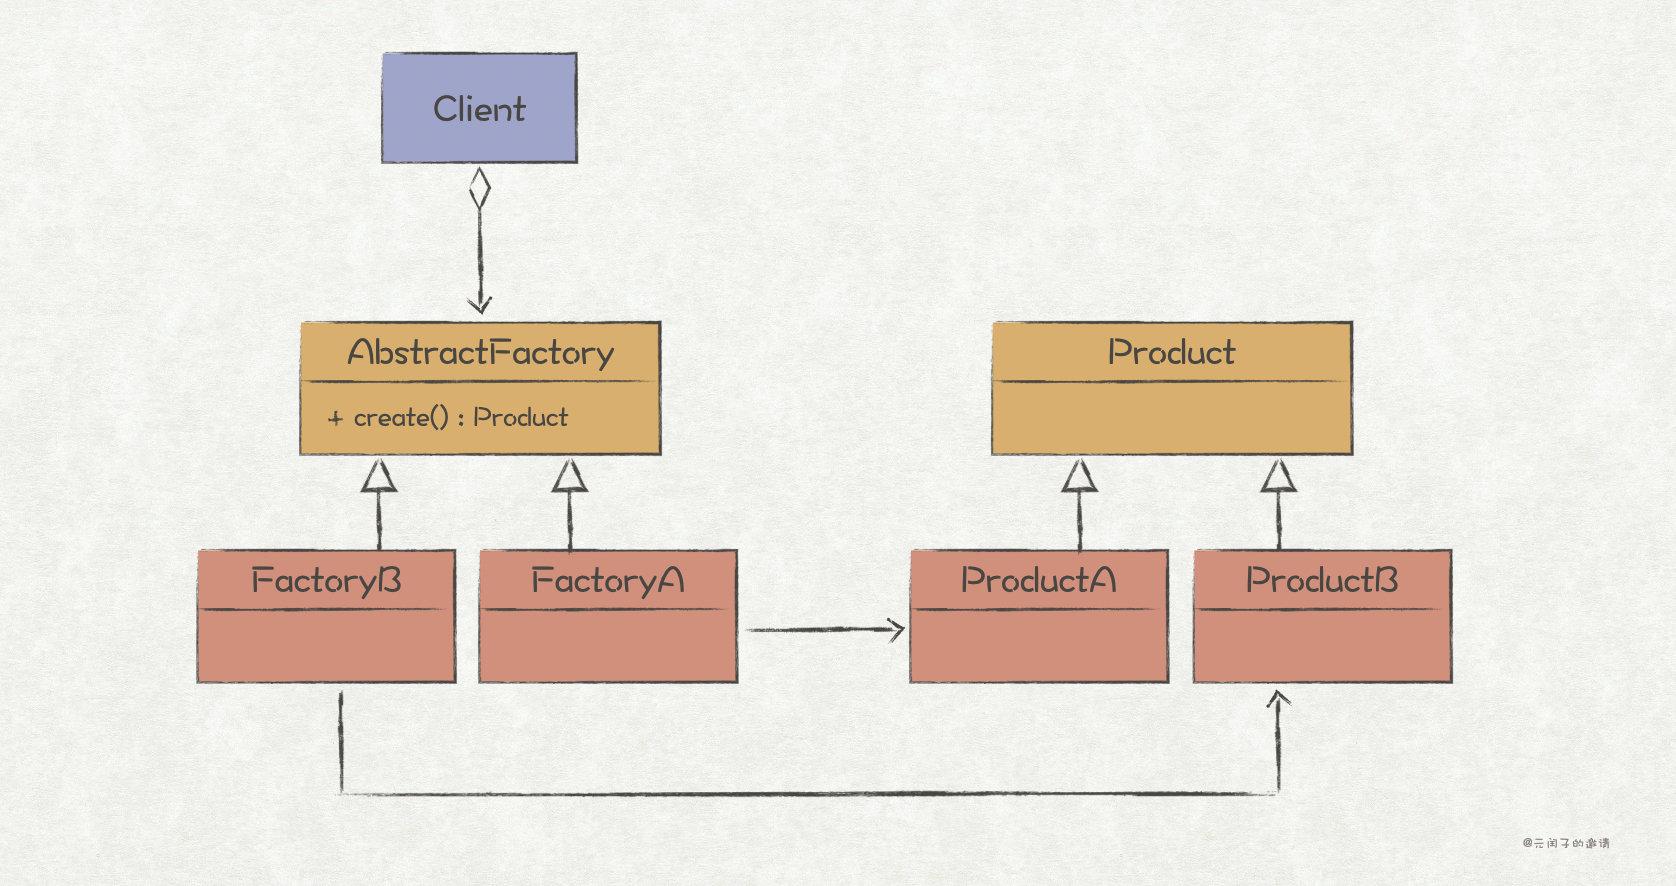 抽象工厂模式结构